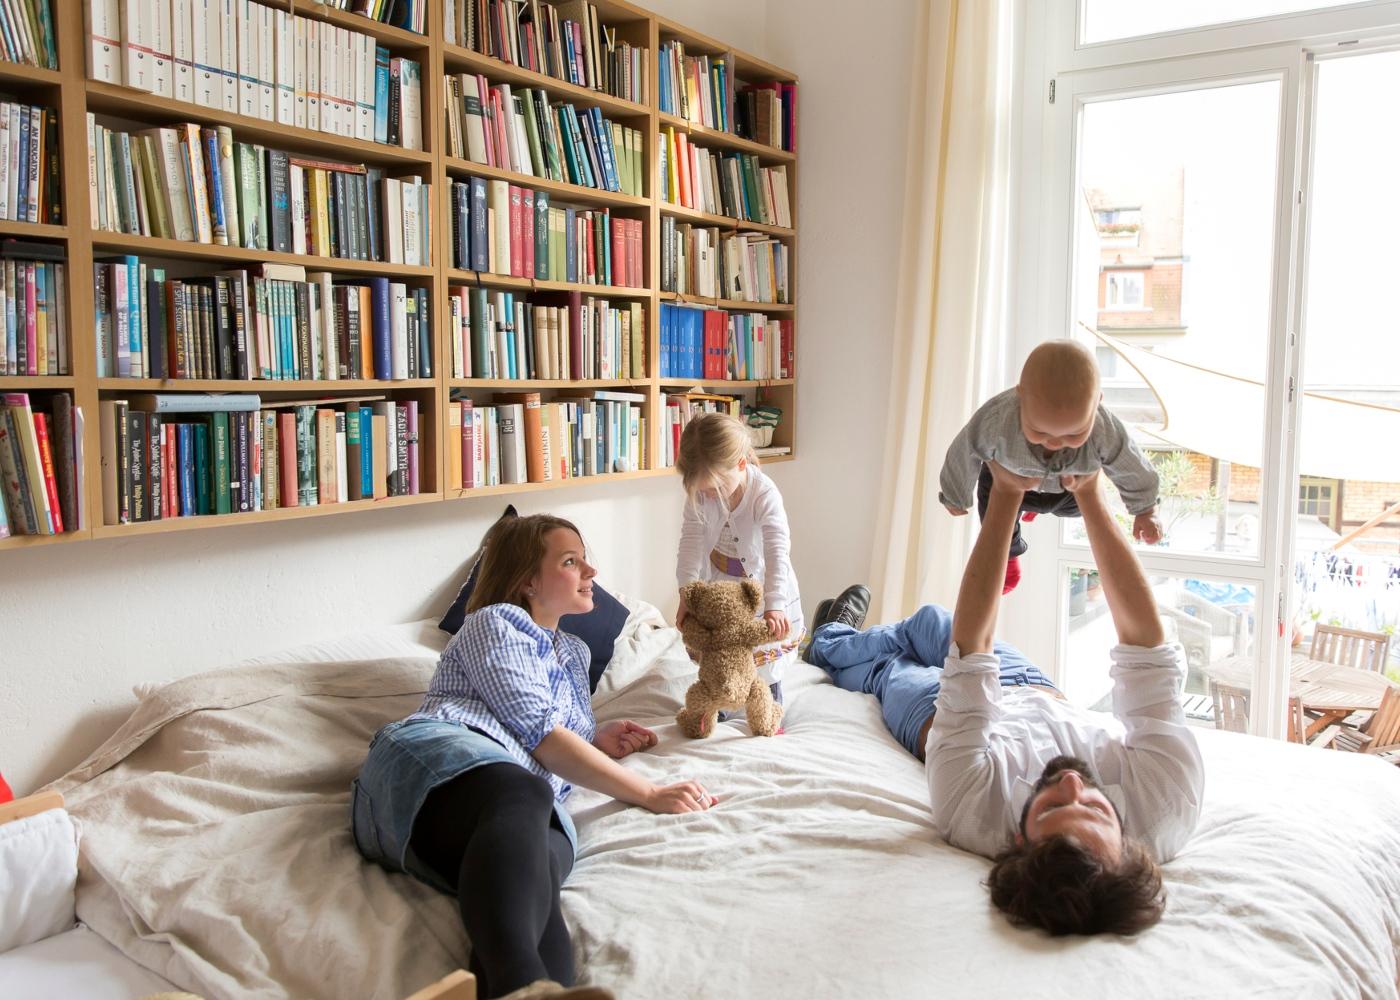 Corrida ao papel higiénico: família em casa durante quarentena